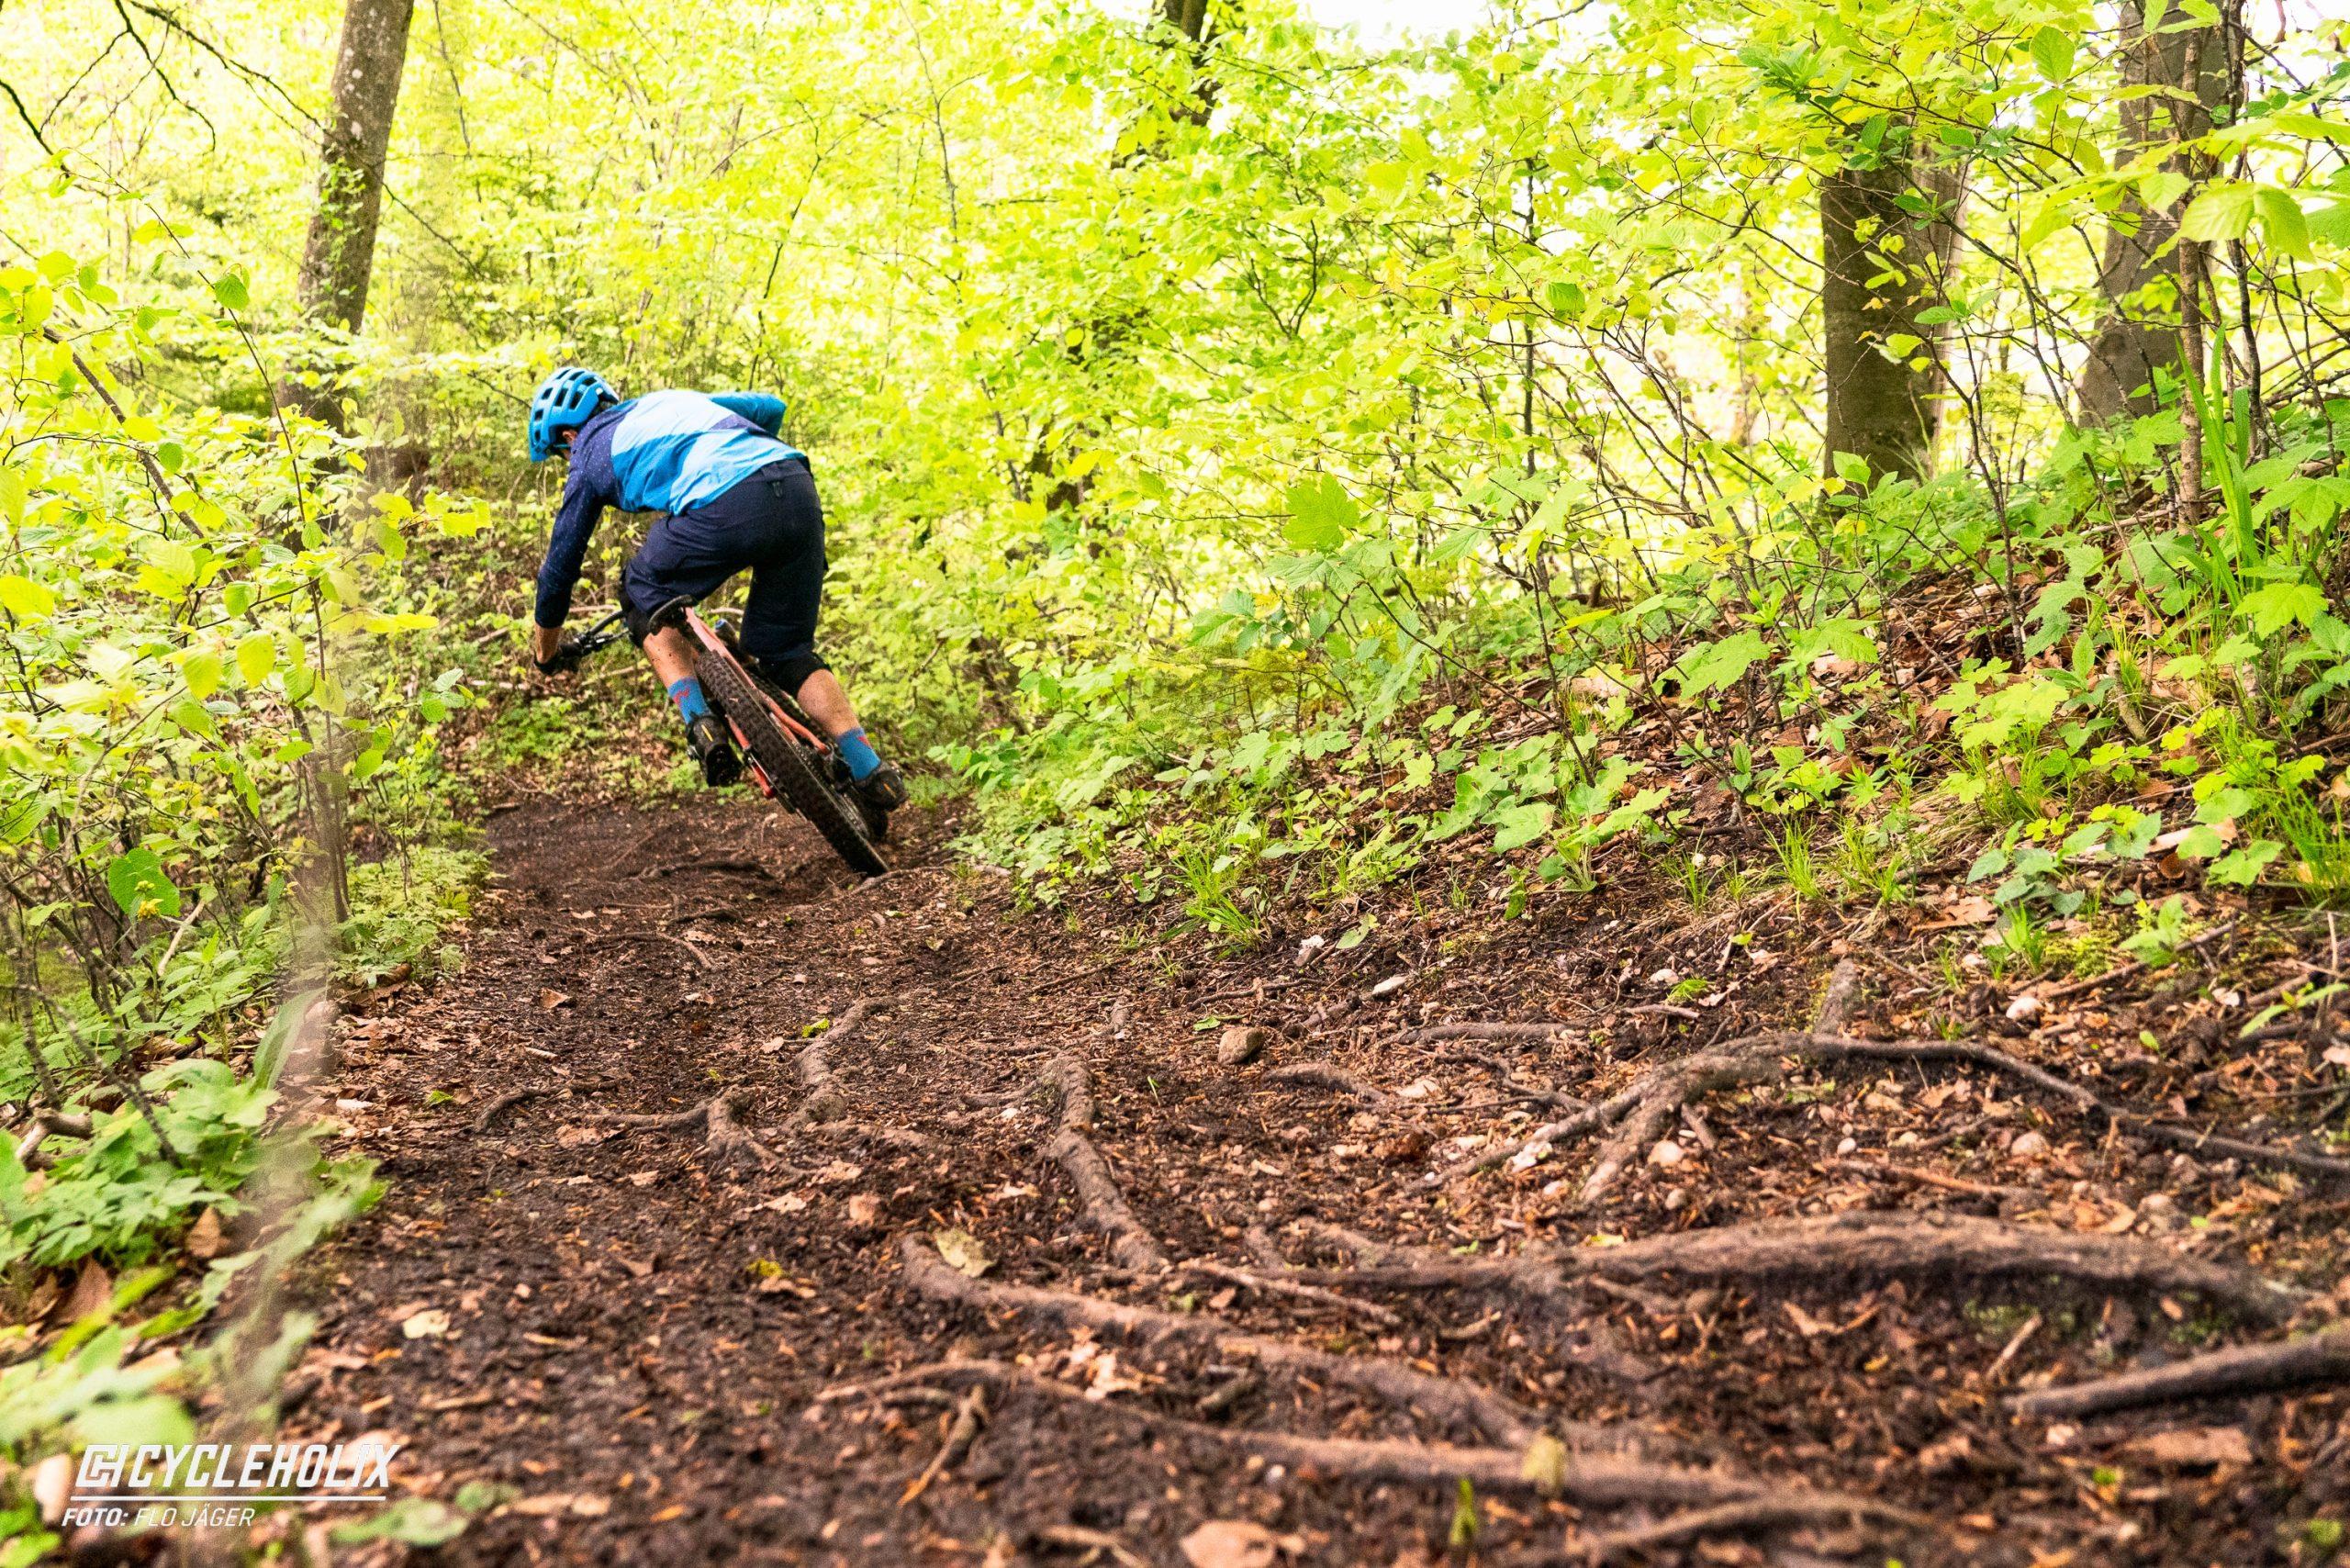 SpecializedTurboLevo Action 34 scaled Cycleholix